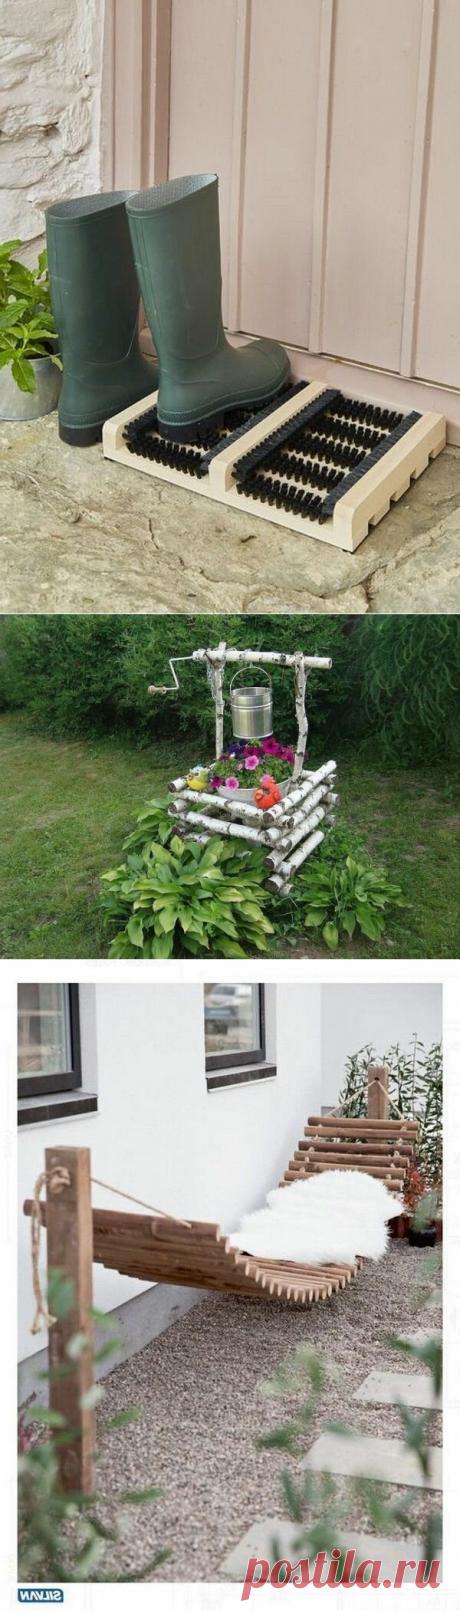 Соседям на зависть. 4 потрясающих идеи для вашей дачи. | Бабушкина дача | Яндекс Дзен